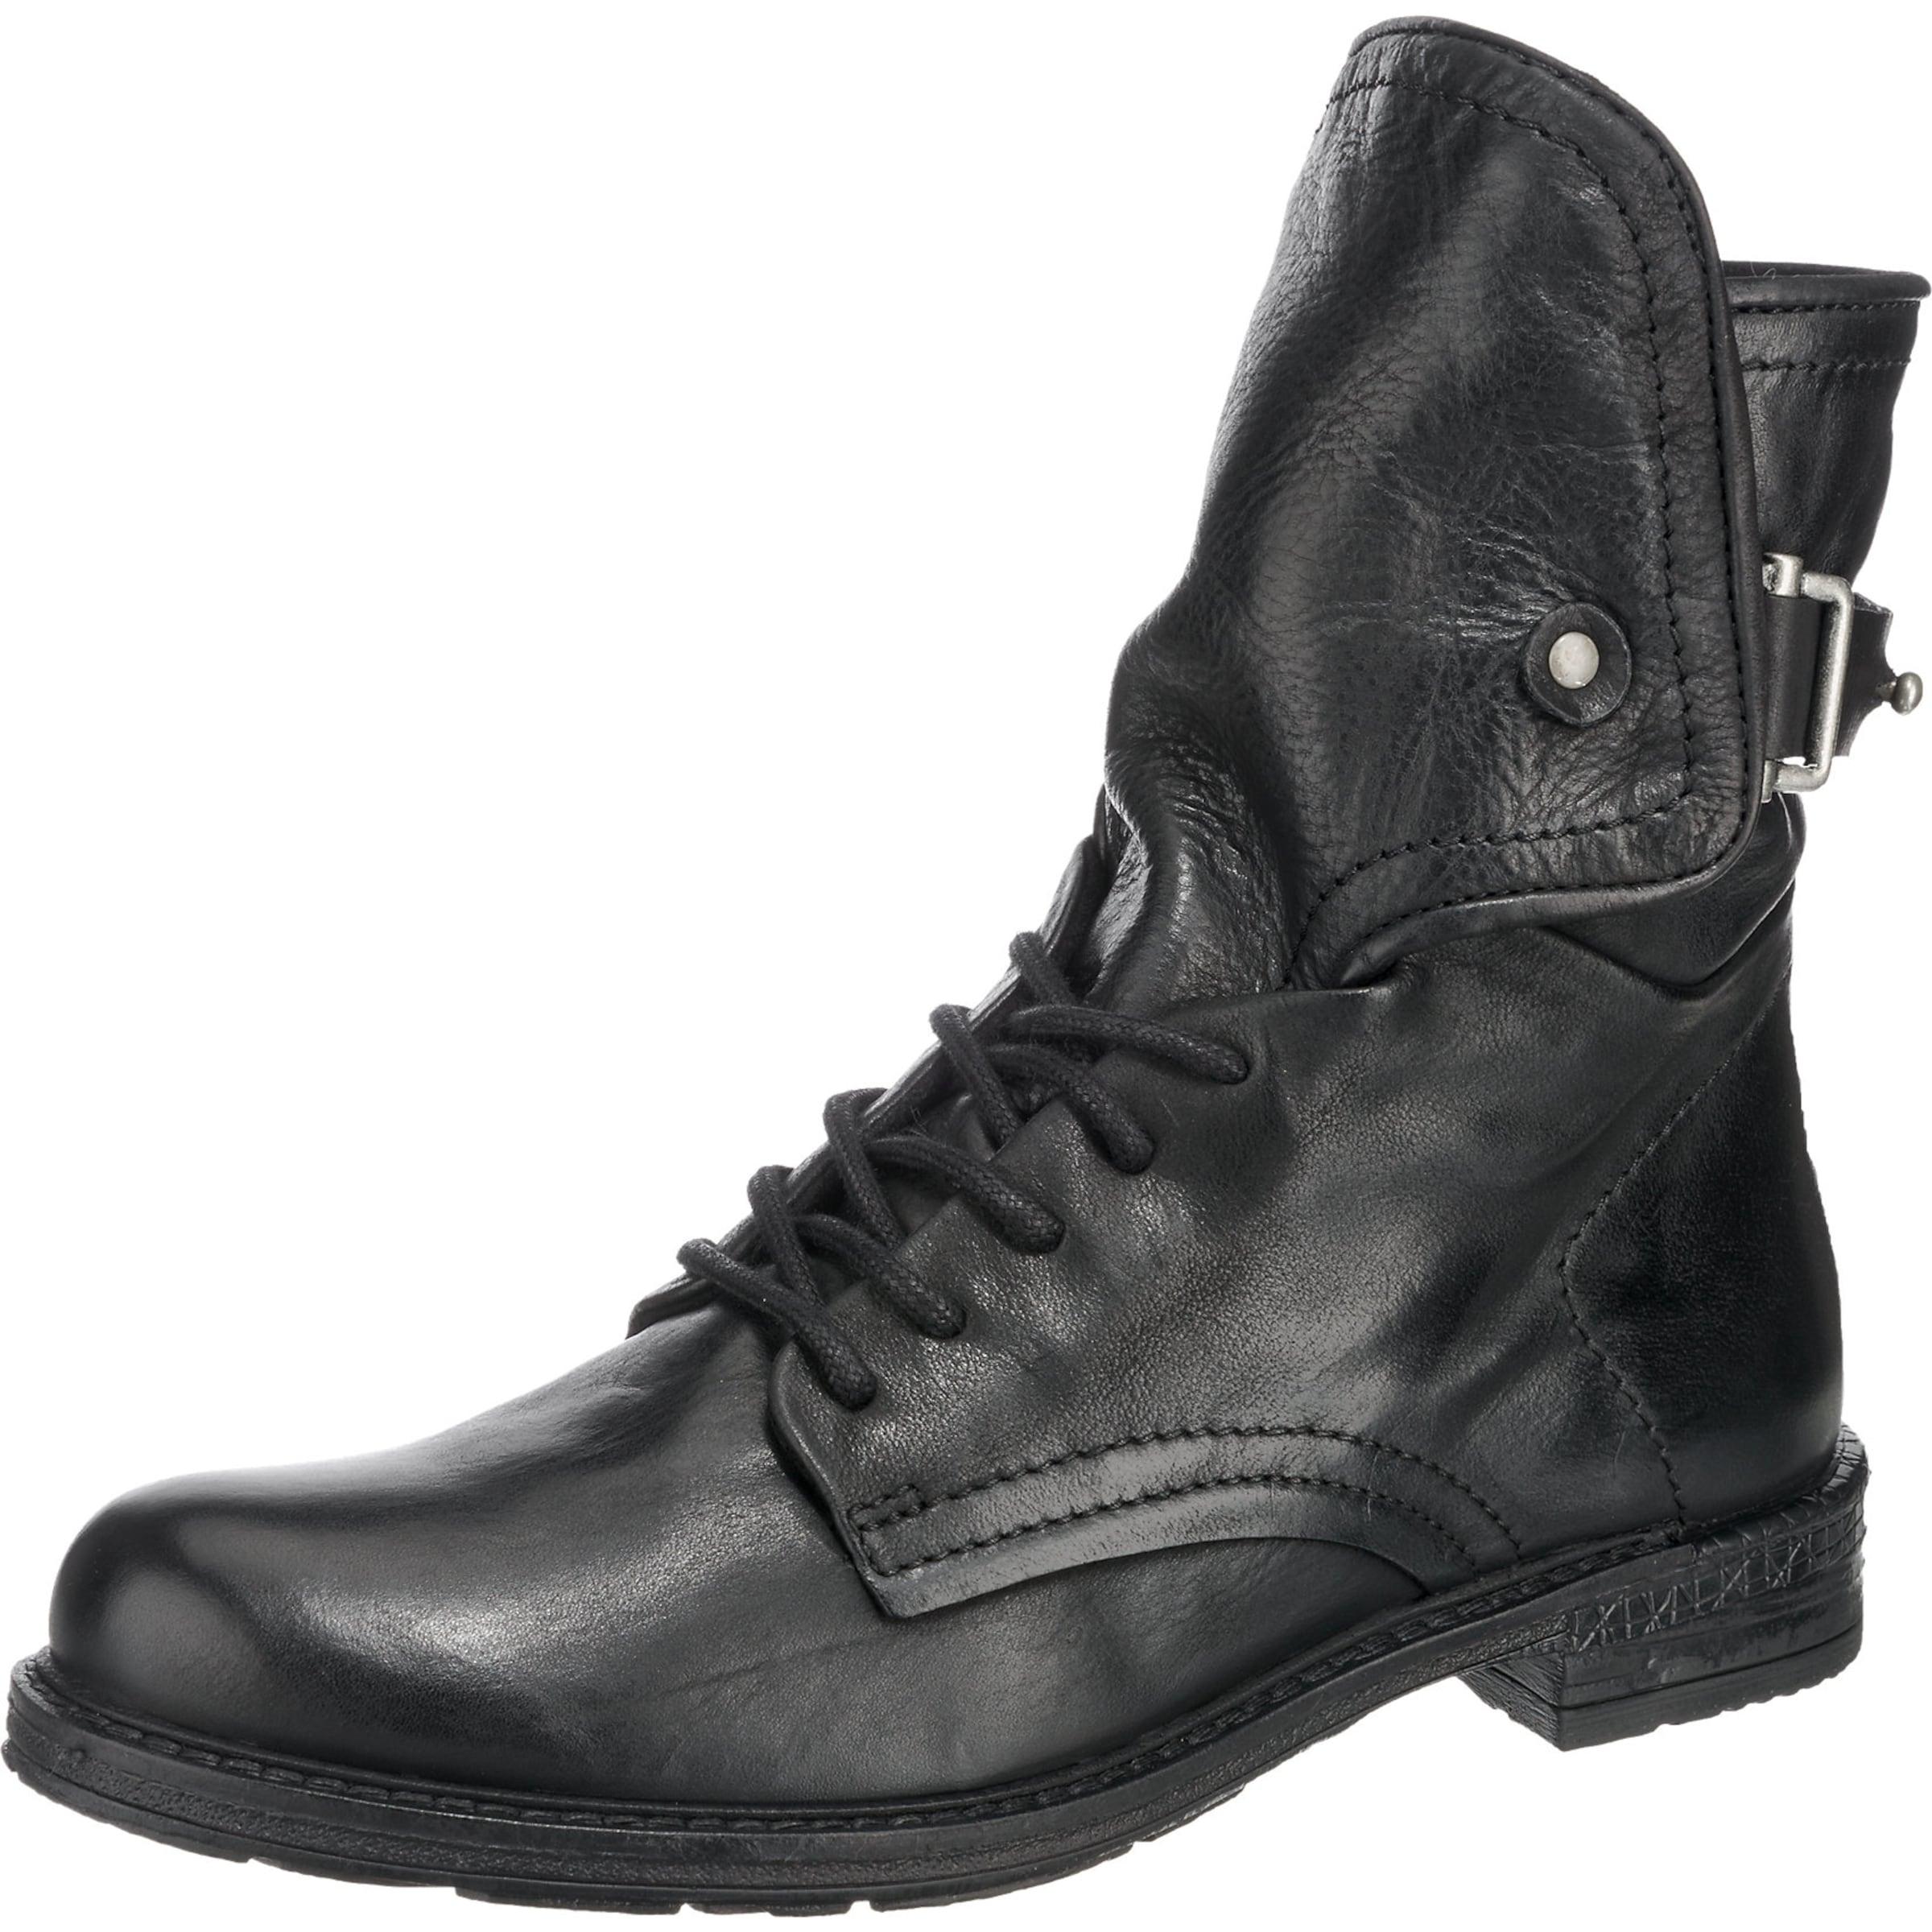 BUFFALO Stiefeletten Verschleißfeste billige Schuhe Hohe Qualität